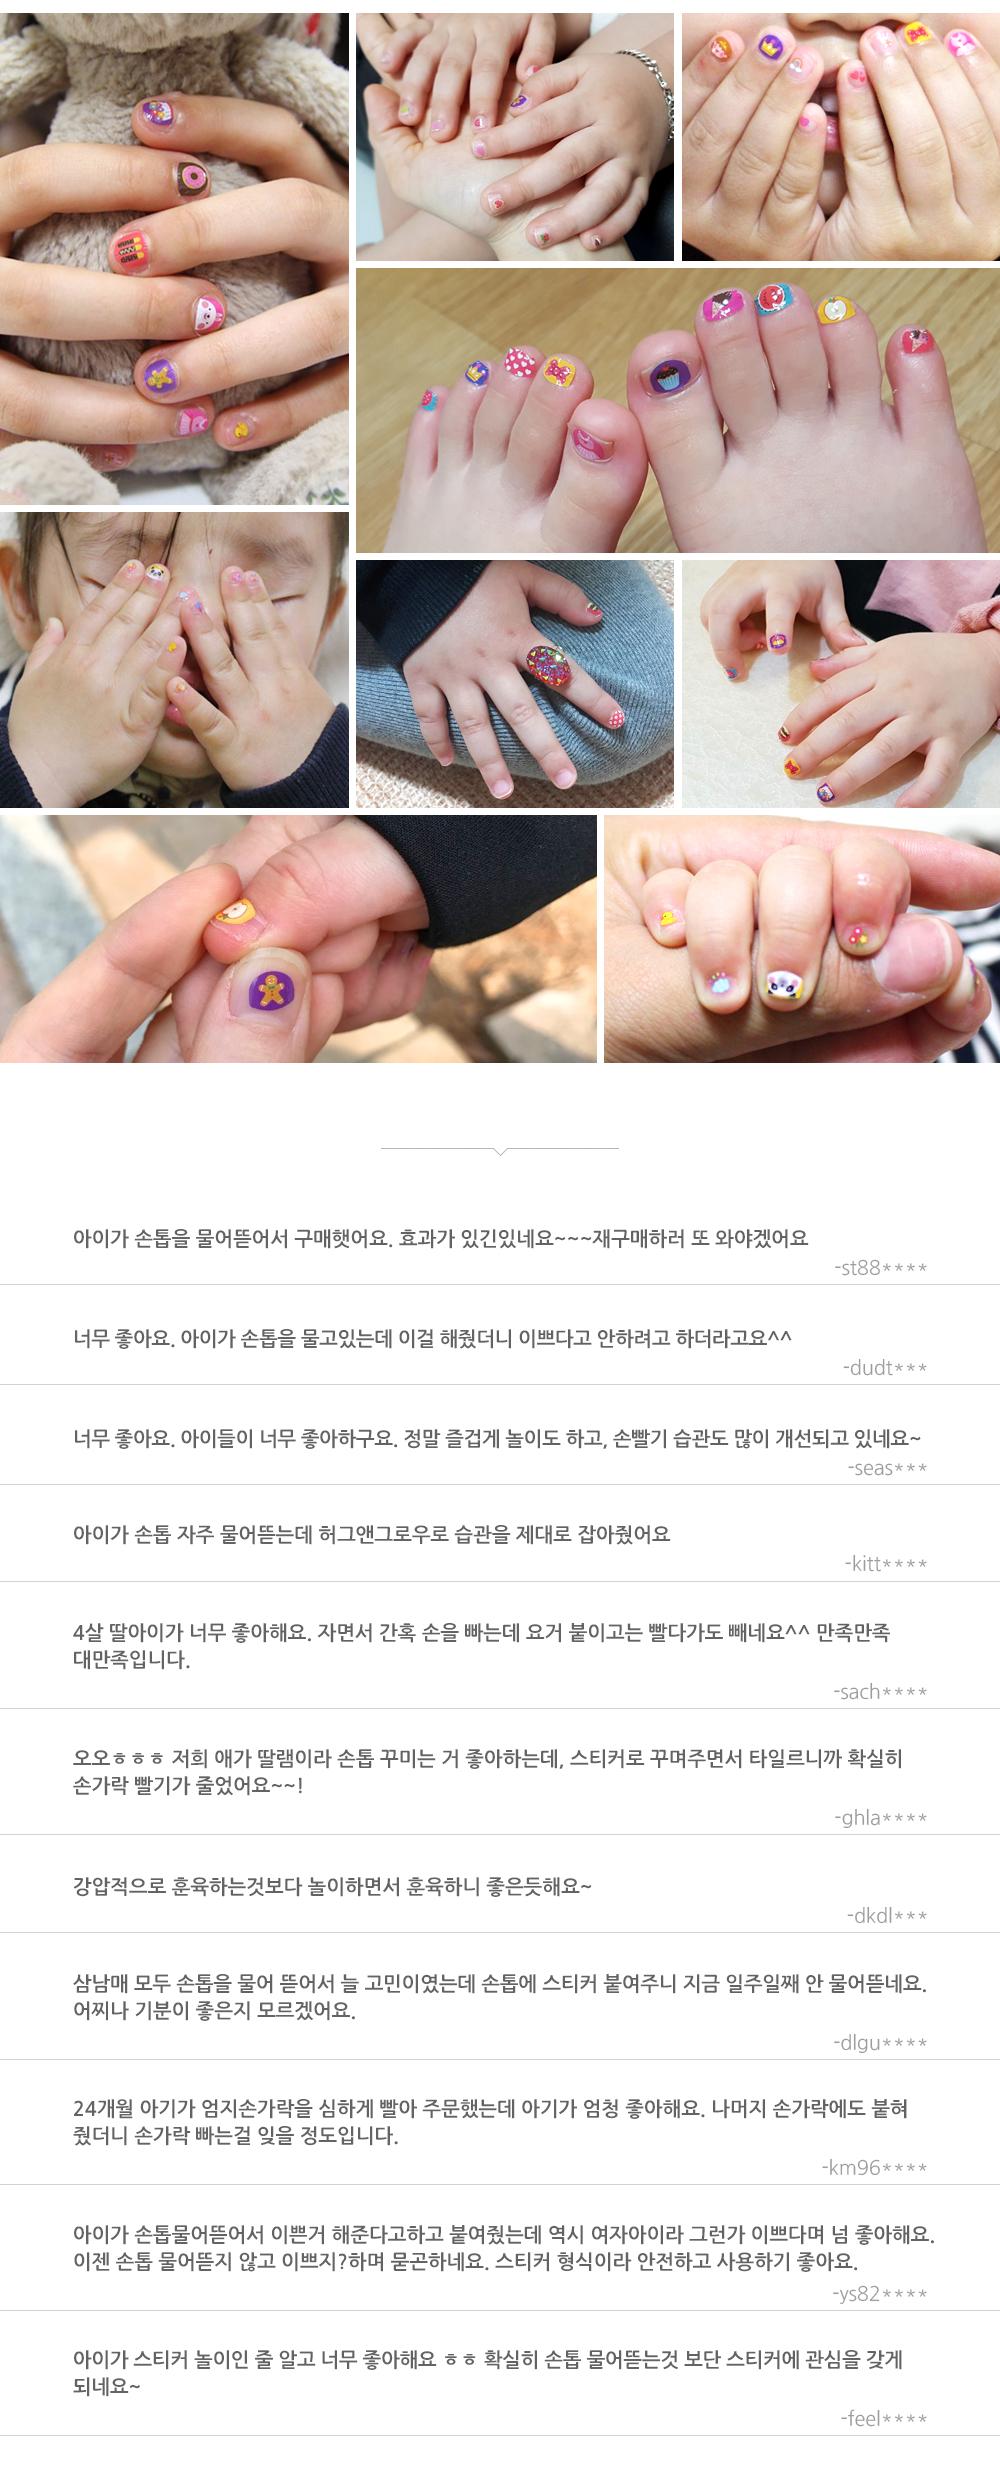 허그앤그로우 네일스티커 고객 착용 사진과 후기